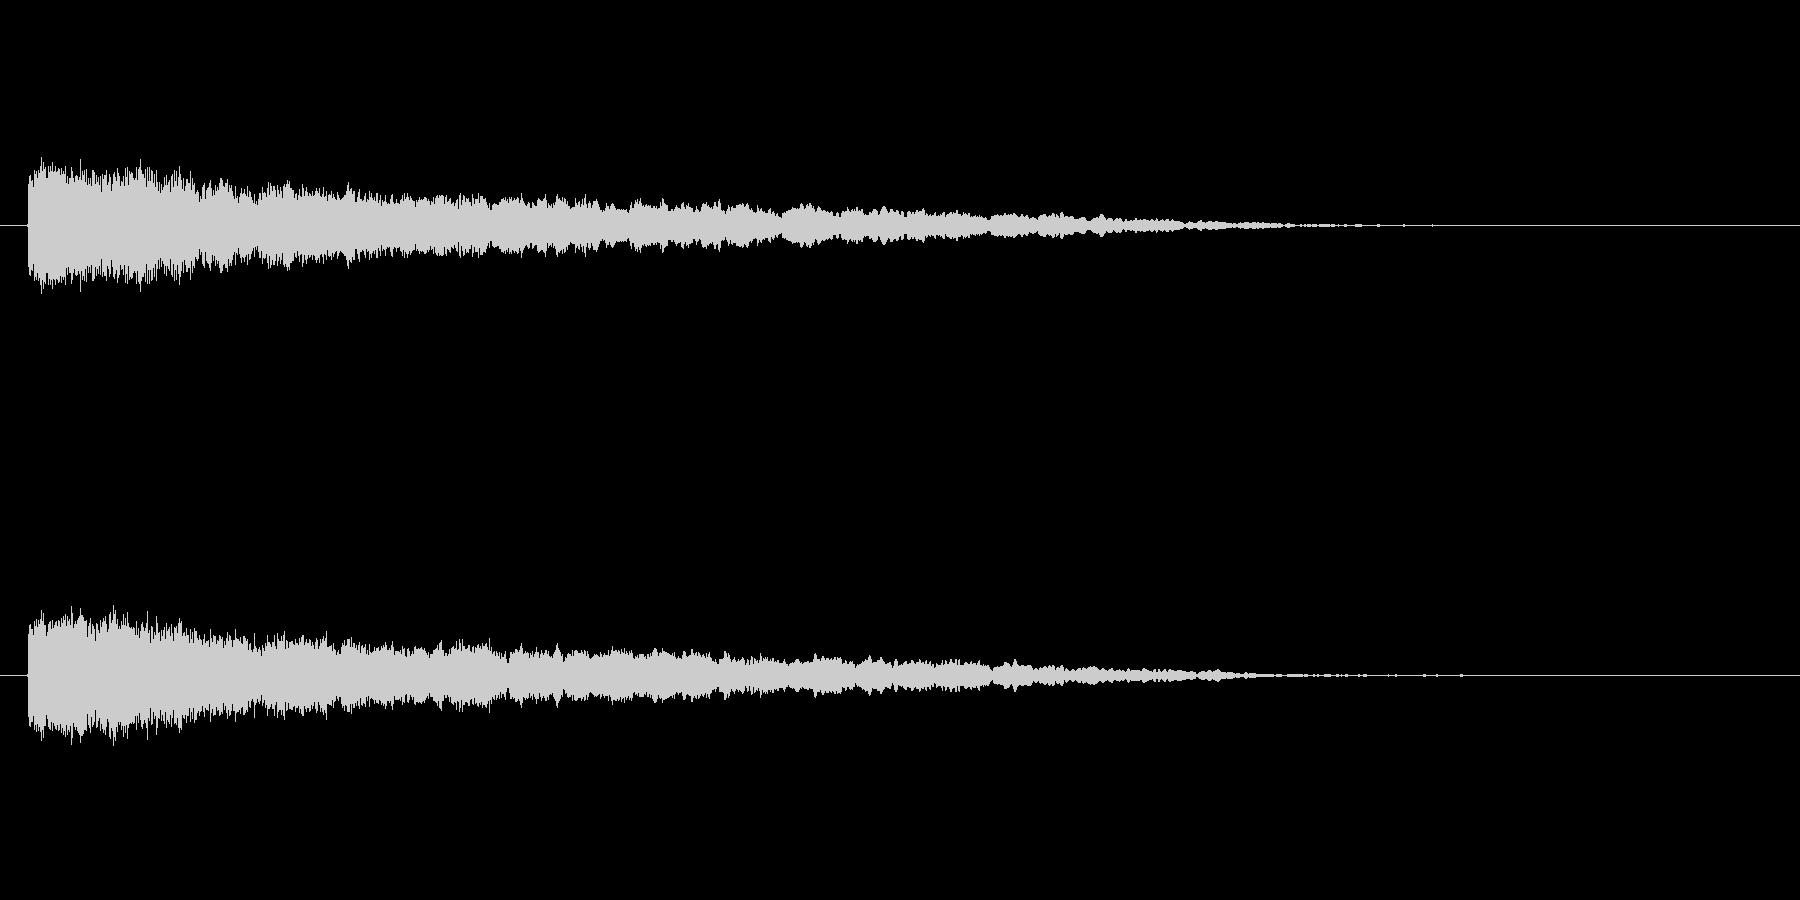 【ネガティブ03-1】の未再生の波形